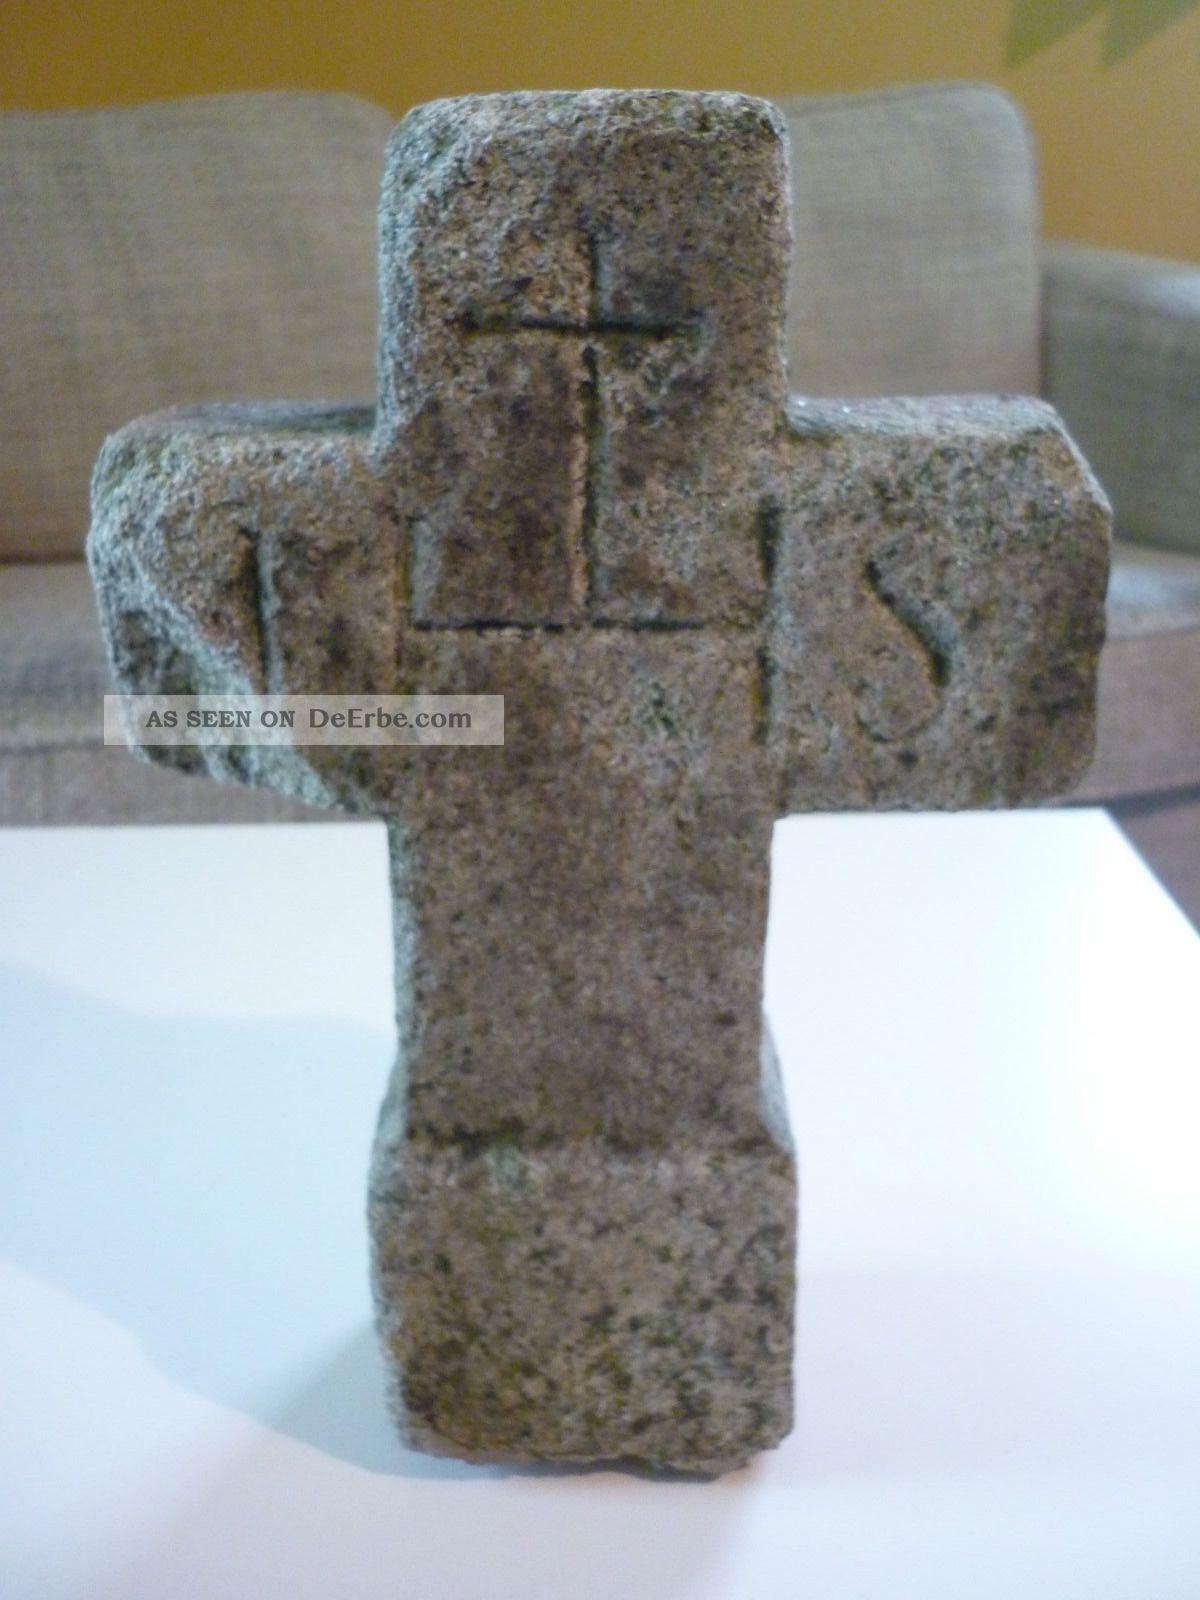 Schnes Altes Kreuz Aus Granit 30 Cm Hoch Grabkreuz